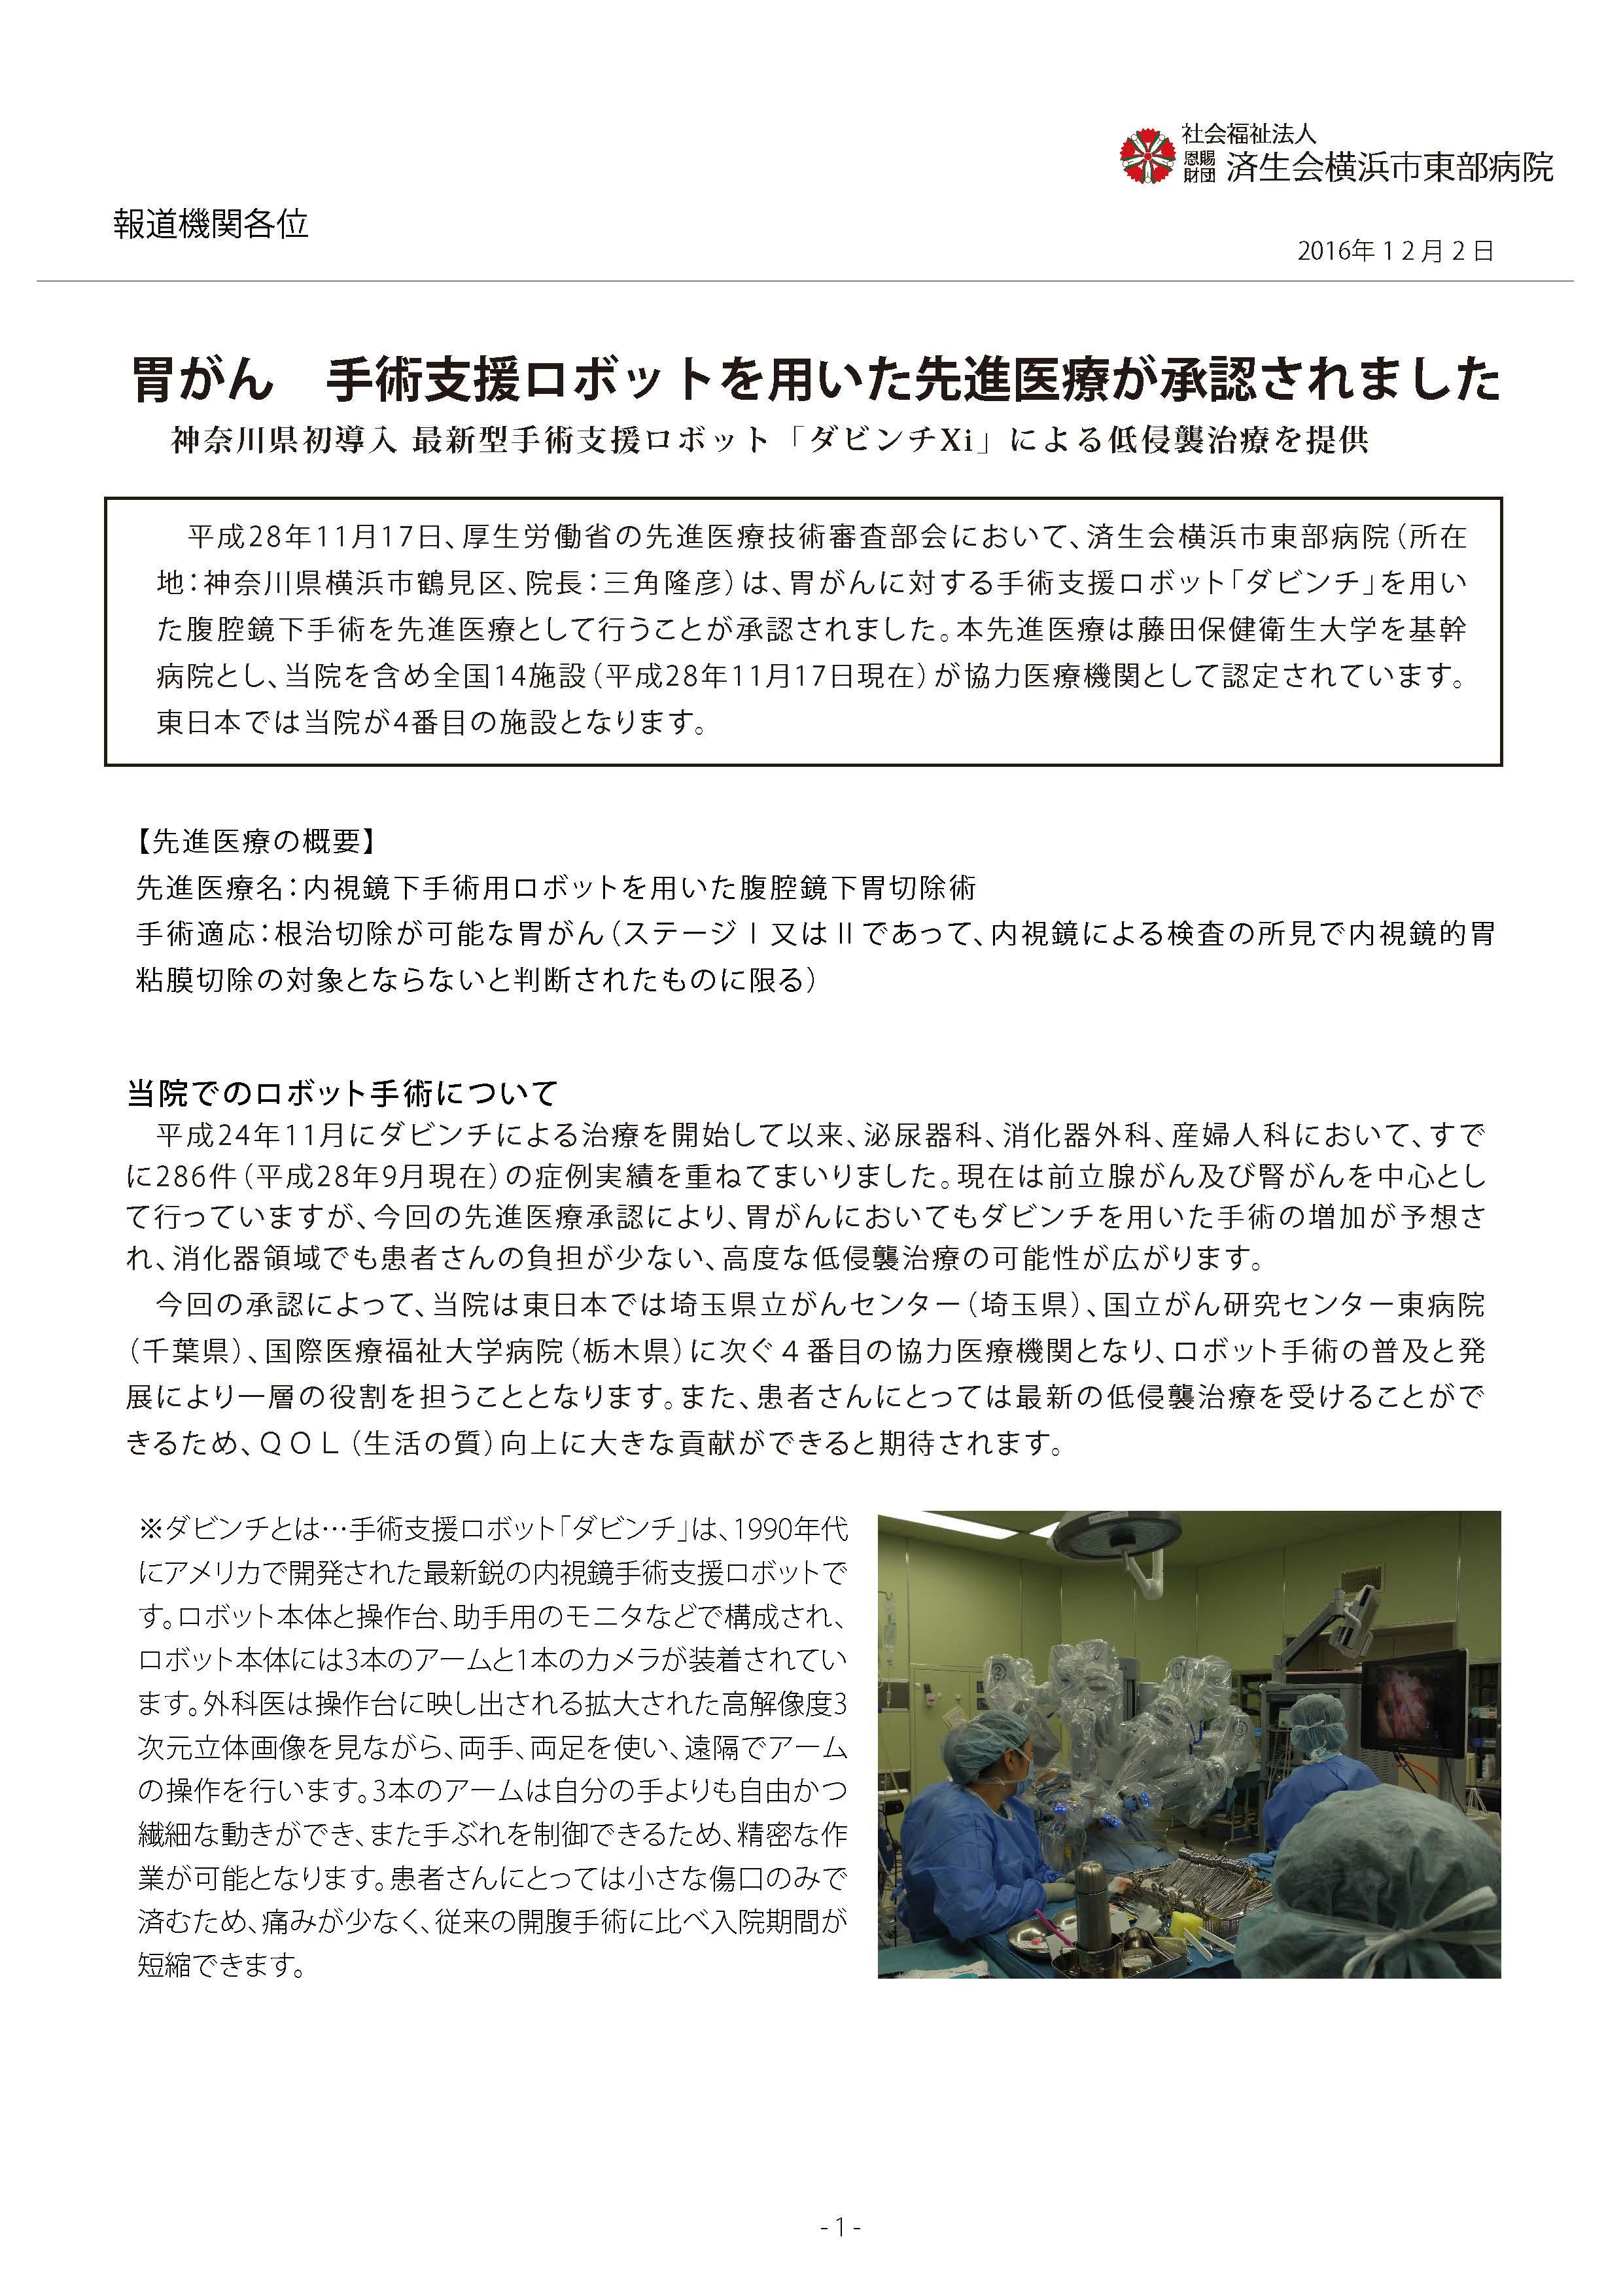 20161202リリース_ダビンチXi導入_ページ_1